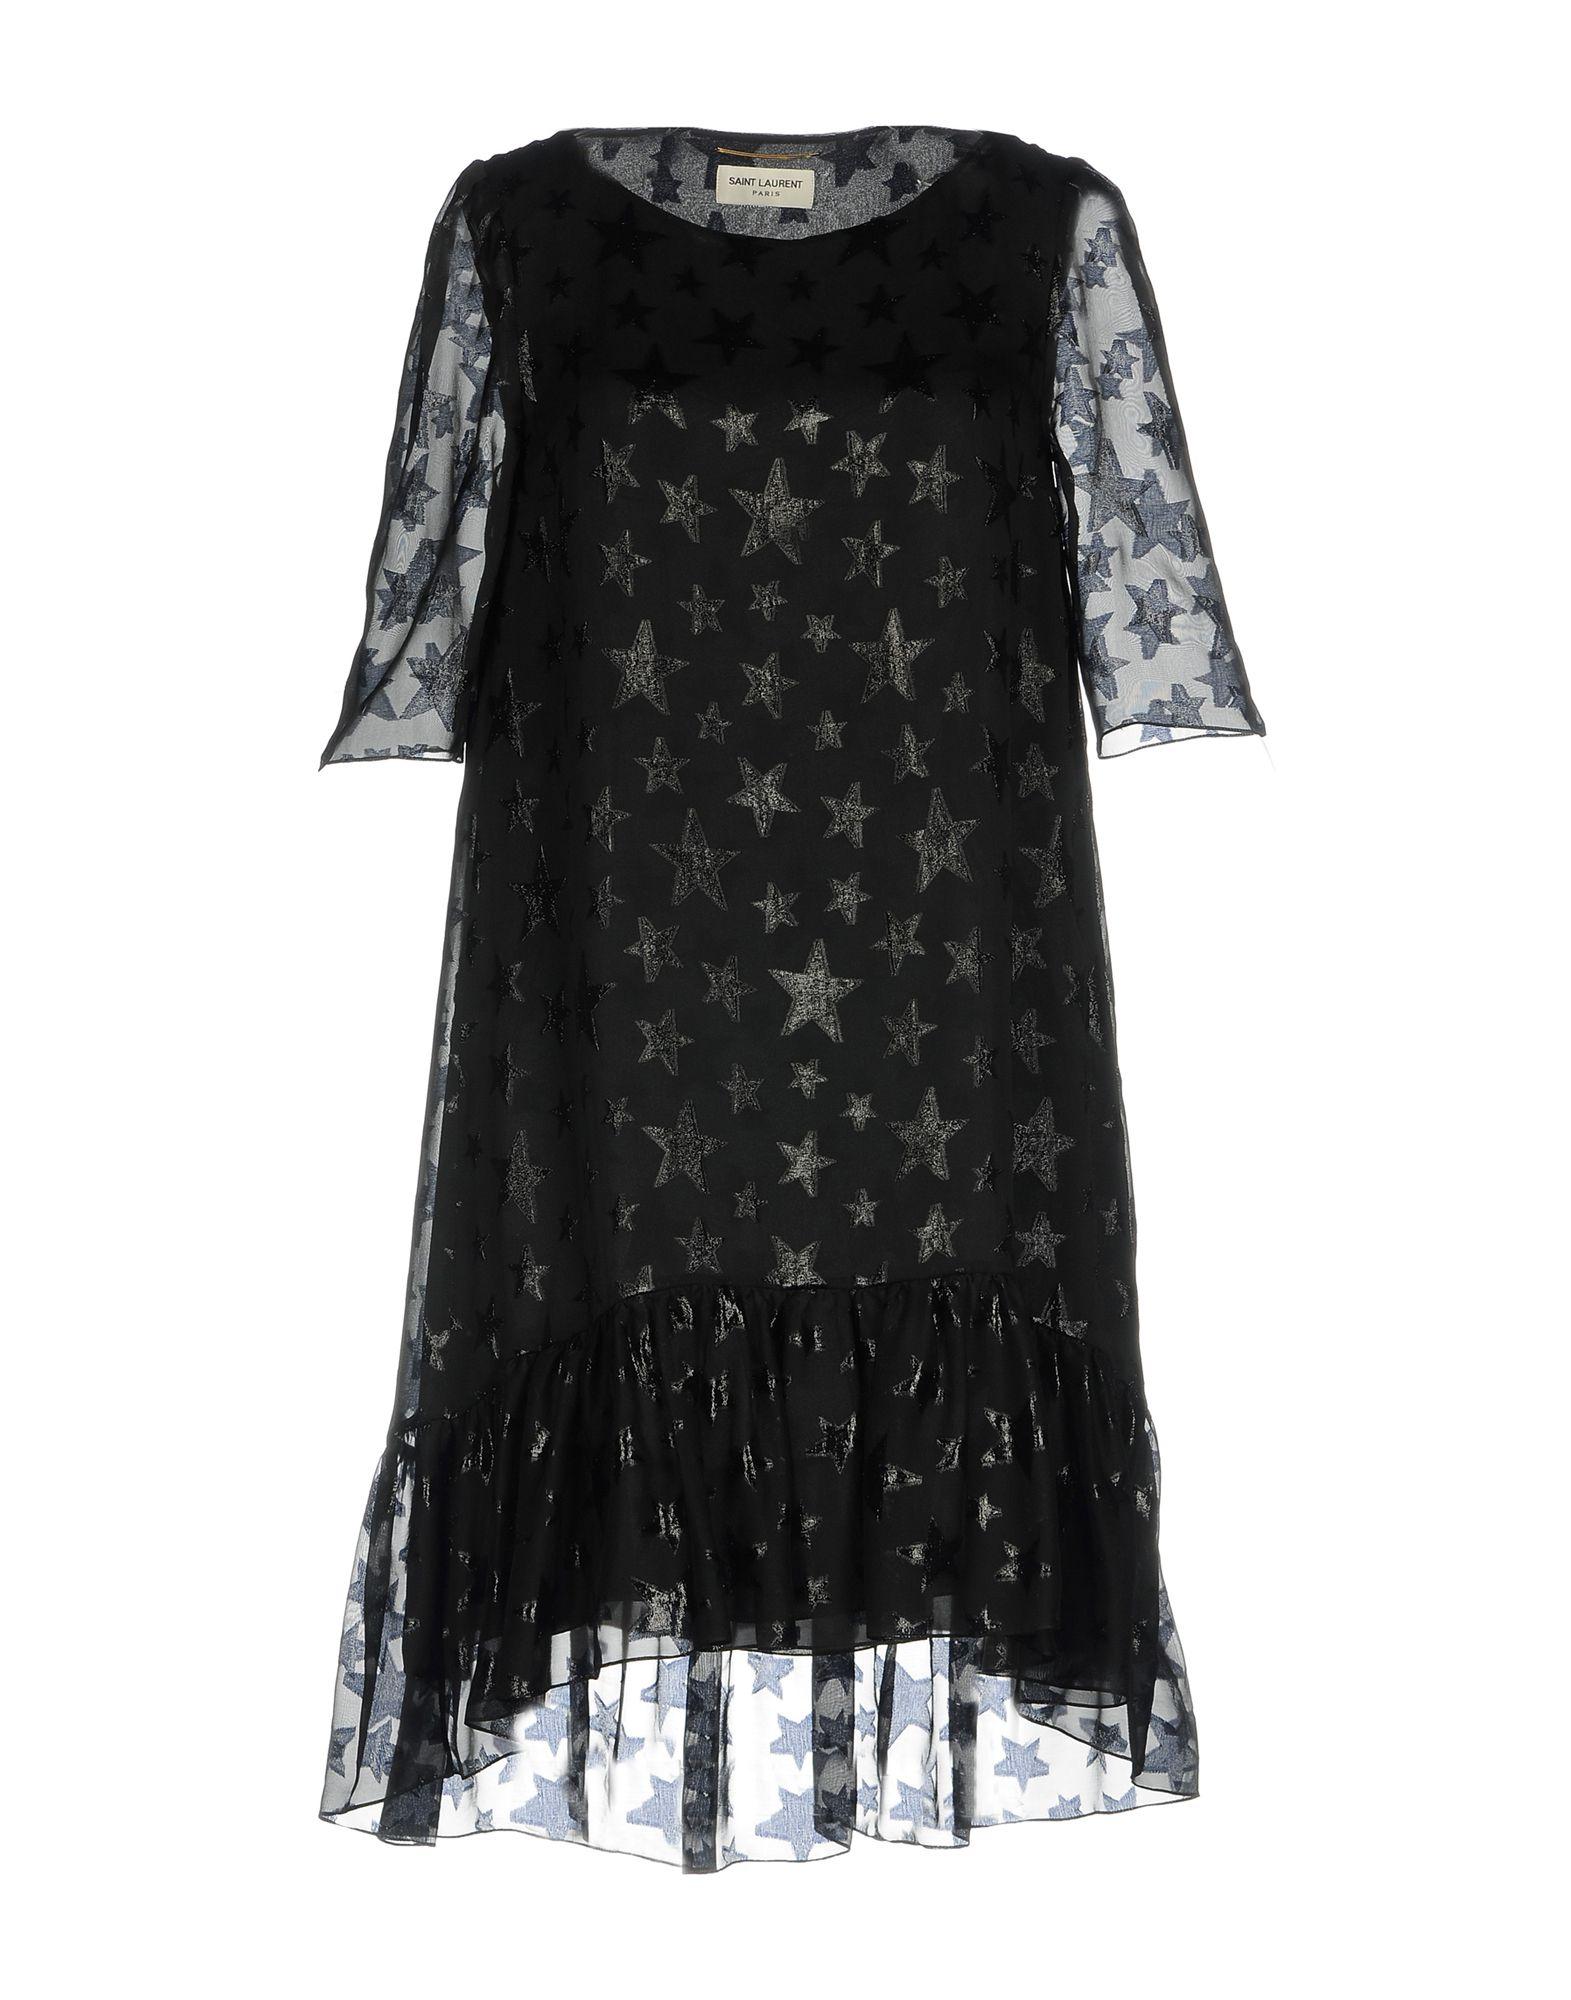 SAINT LAURENT Damen Kurzes Kleid Farbe Schwarz Größe 5